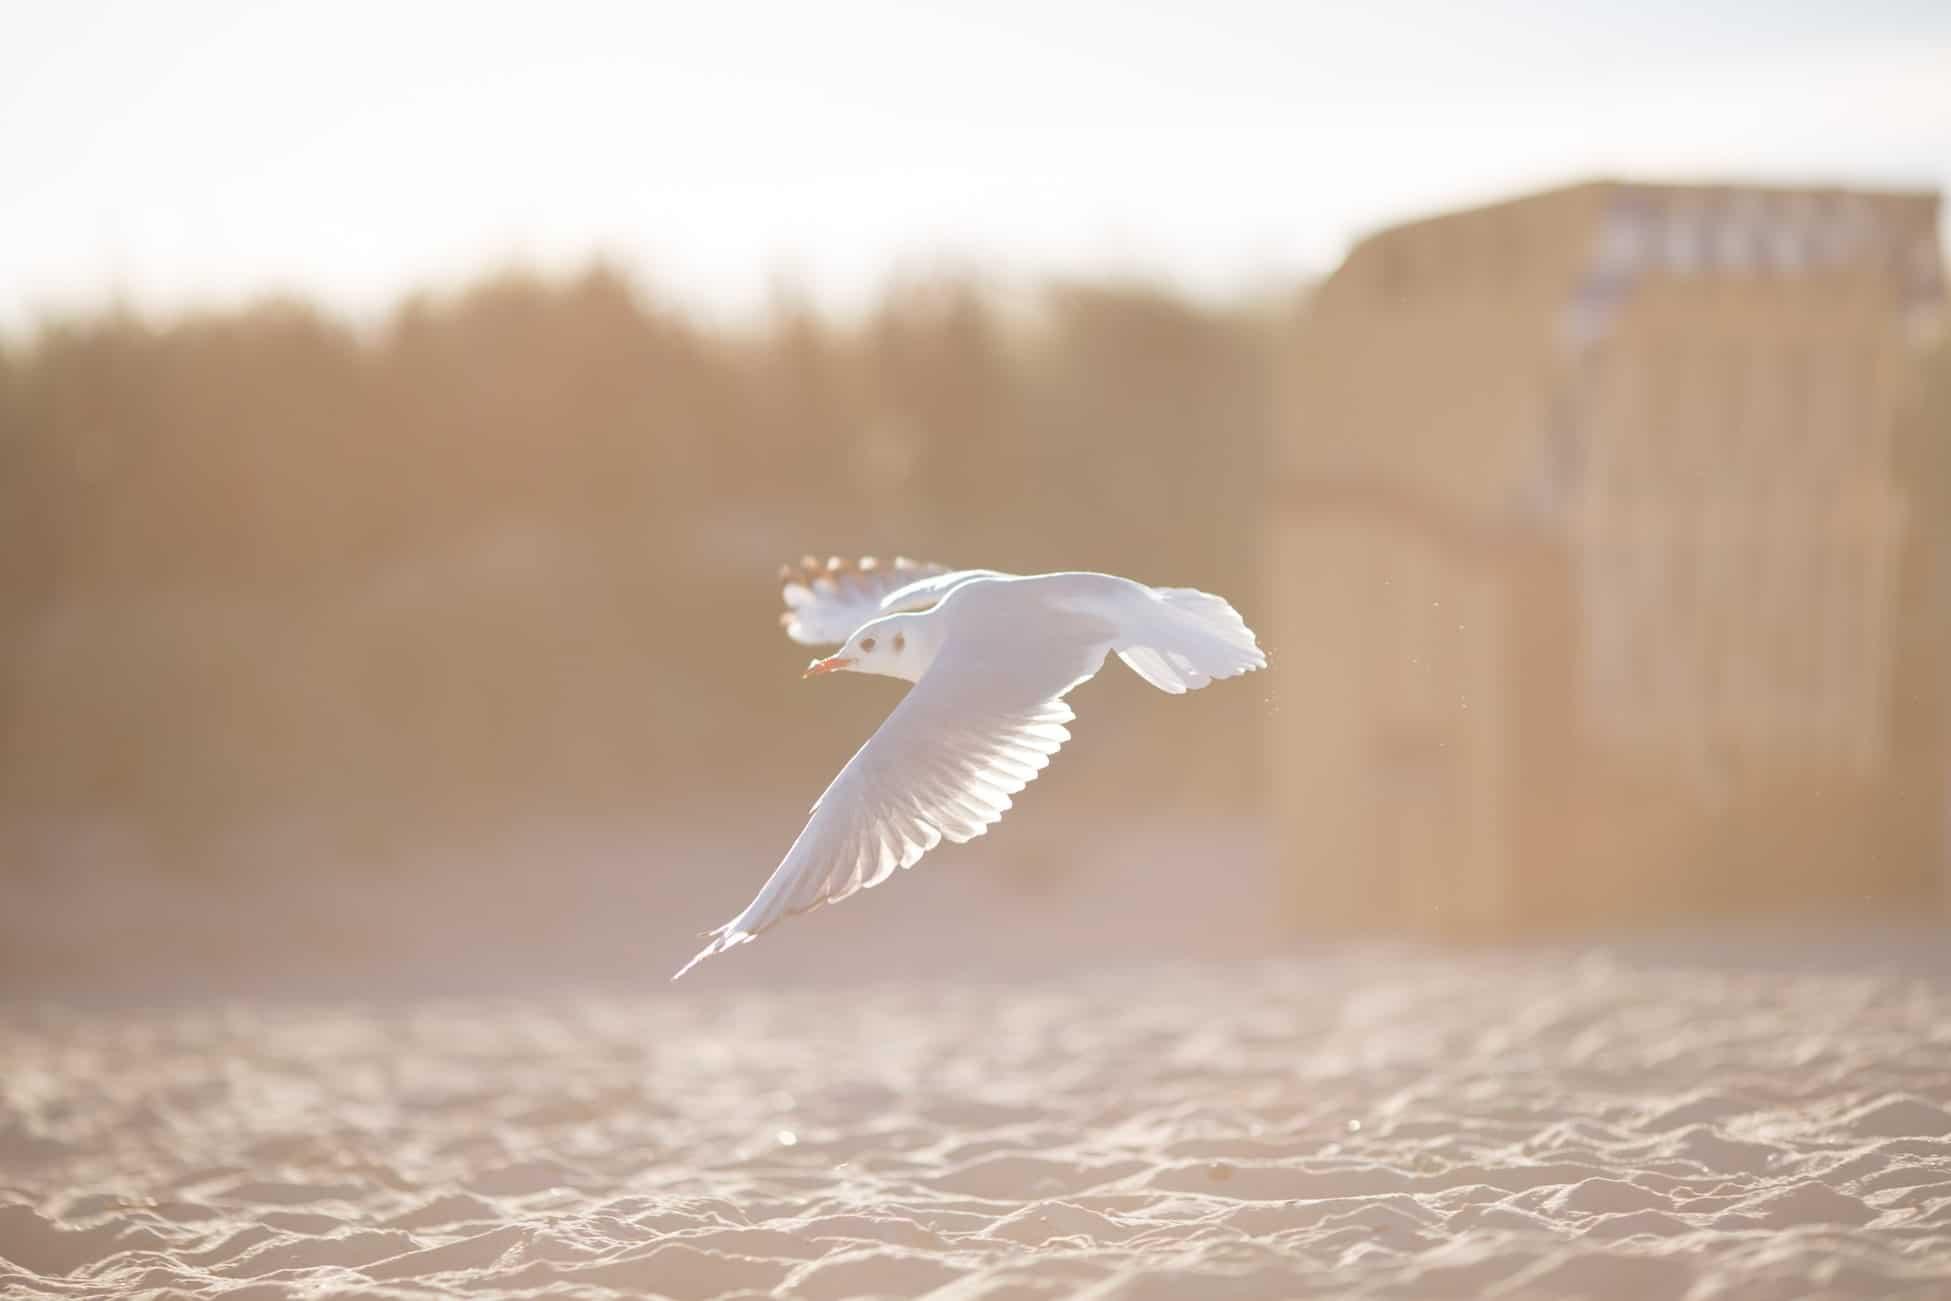 Goéland qui survole la plage pendant les vacances d'été